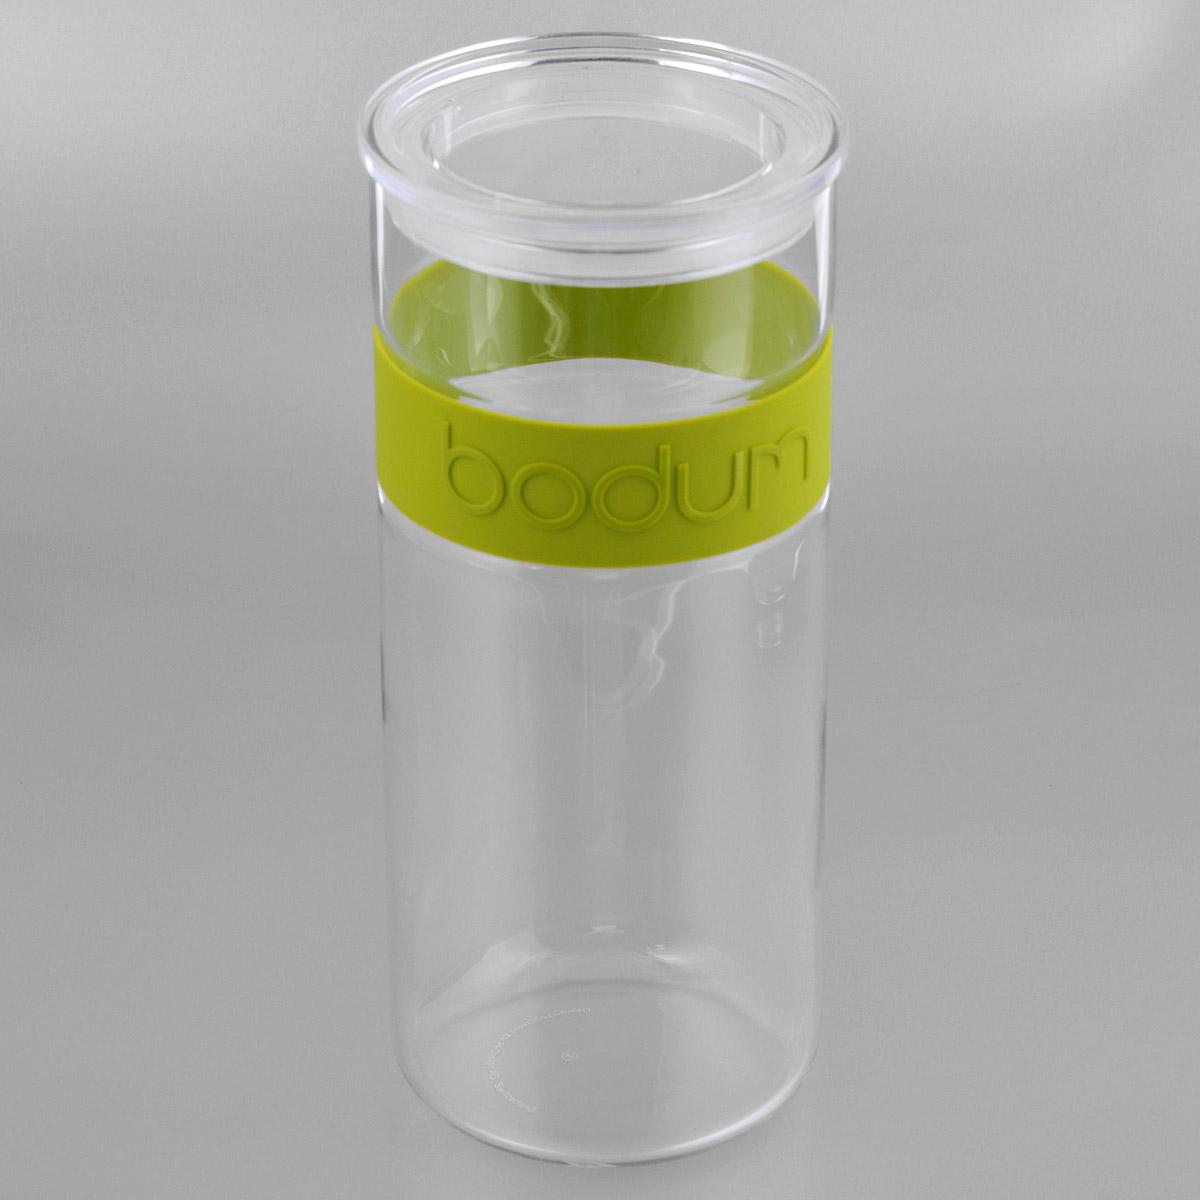 Банка для хранения Bodum Presso, цвет: зеленый, 2,5 лC041201E405Банка для хранения Bodum Presso изготовлена из прозрачного стекла со вставкой из приятного на ощупь силикона. Стеклянная посуда не впитывает запахов продуктов и очень удобна в использовании. Банка оснащена плотно закрывающейся пластиковой крышкой с термоусадкой. Благодаря этому внутри сохраняется герметичность, и продукты дольше остаются свежими. Изделие предназначено для хранения различных сыпучих продуктов: круп, чая, сахара, орехов и многого другого. Функциональная и вместительная, такая банка станет незаменимым аксессуаром на любой кухне. Можно мыть в посудомоечной машине. Объем банки: 2,5 л.Диаметр банки (по верхнему краю): 11,5 см.Высота банки: 28 см.